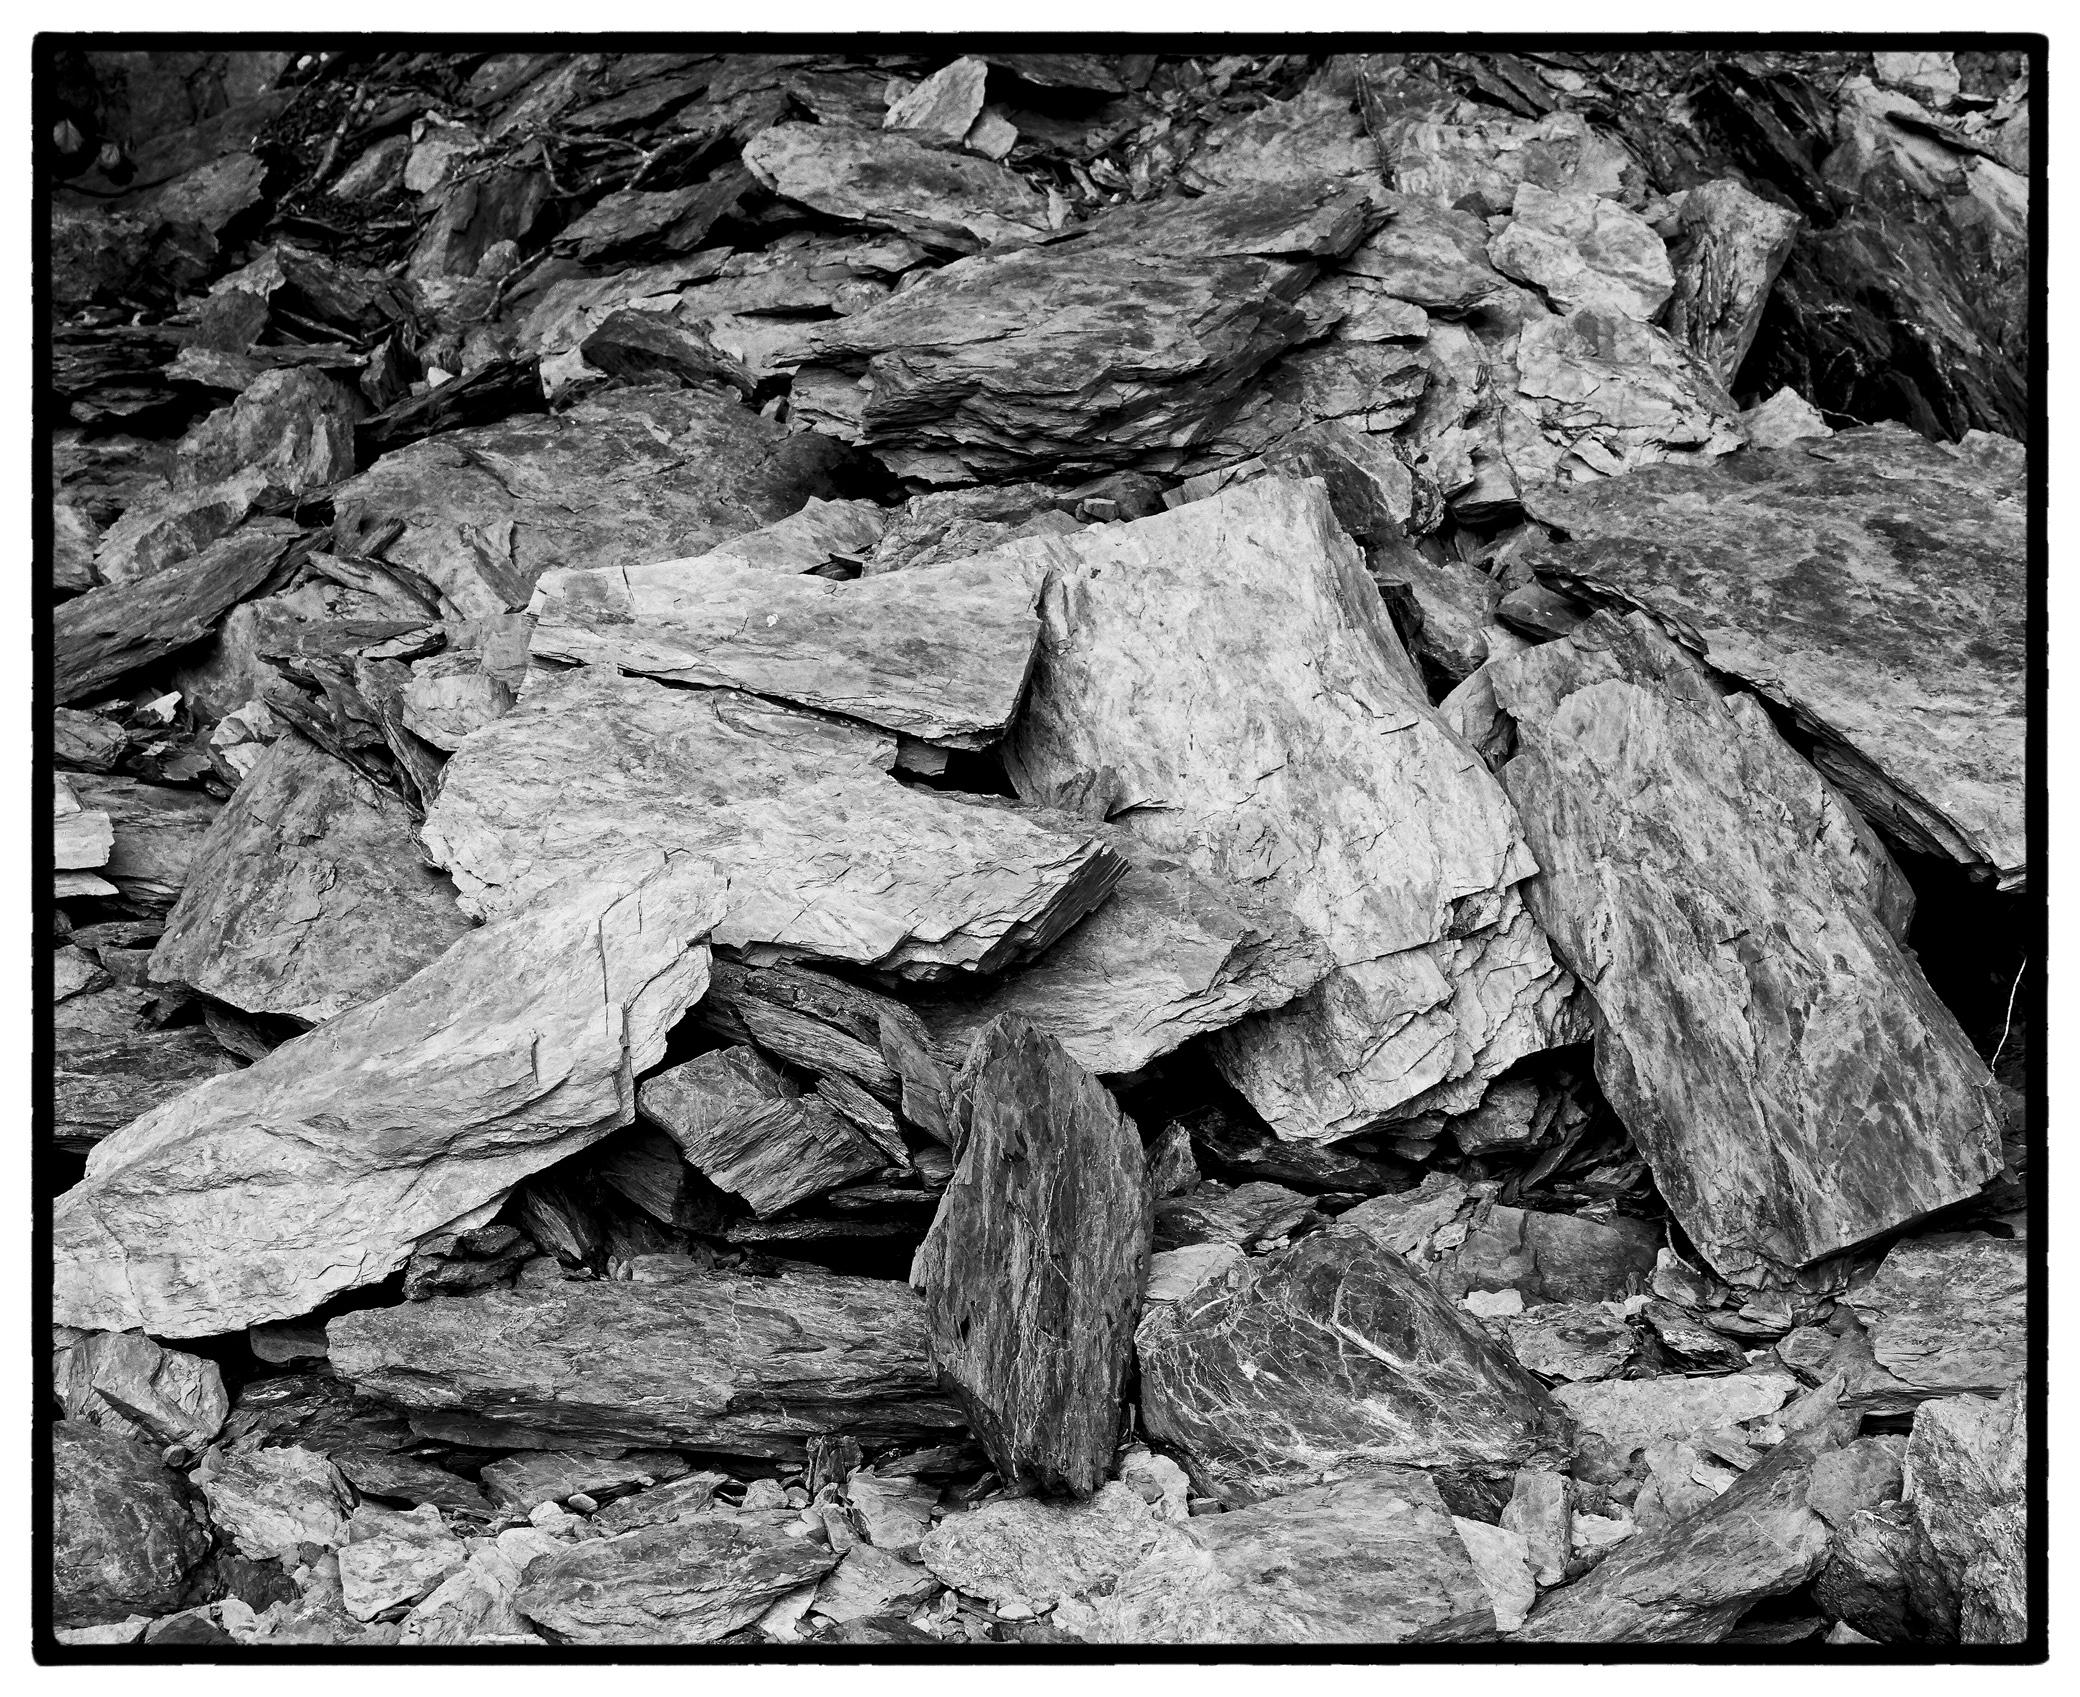 Rocks - Turnagain Arm near Hope by bensonga in bensonga